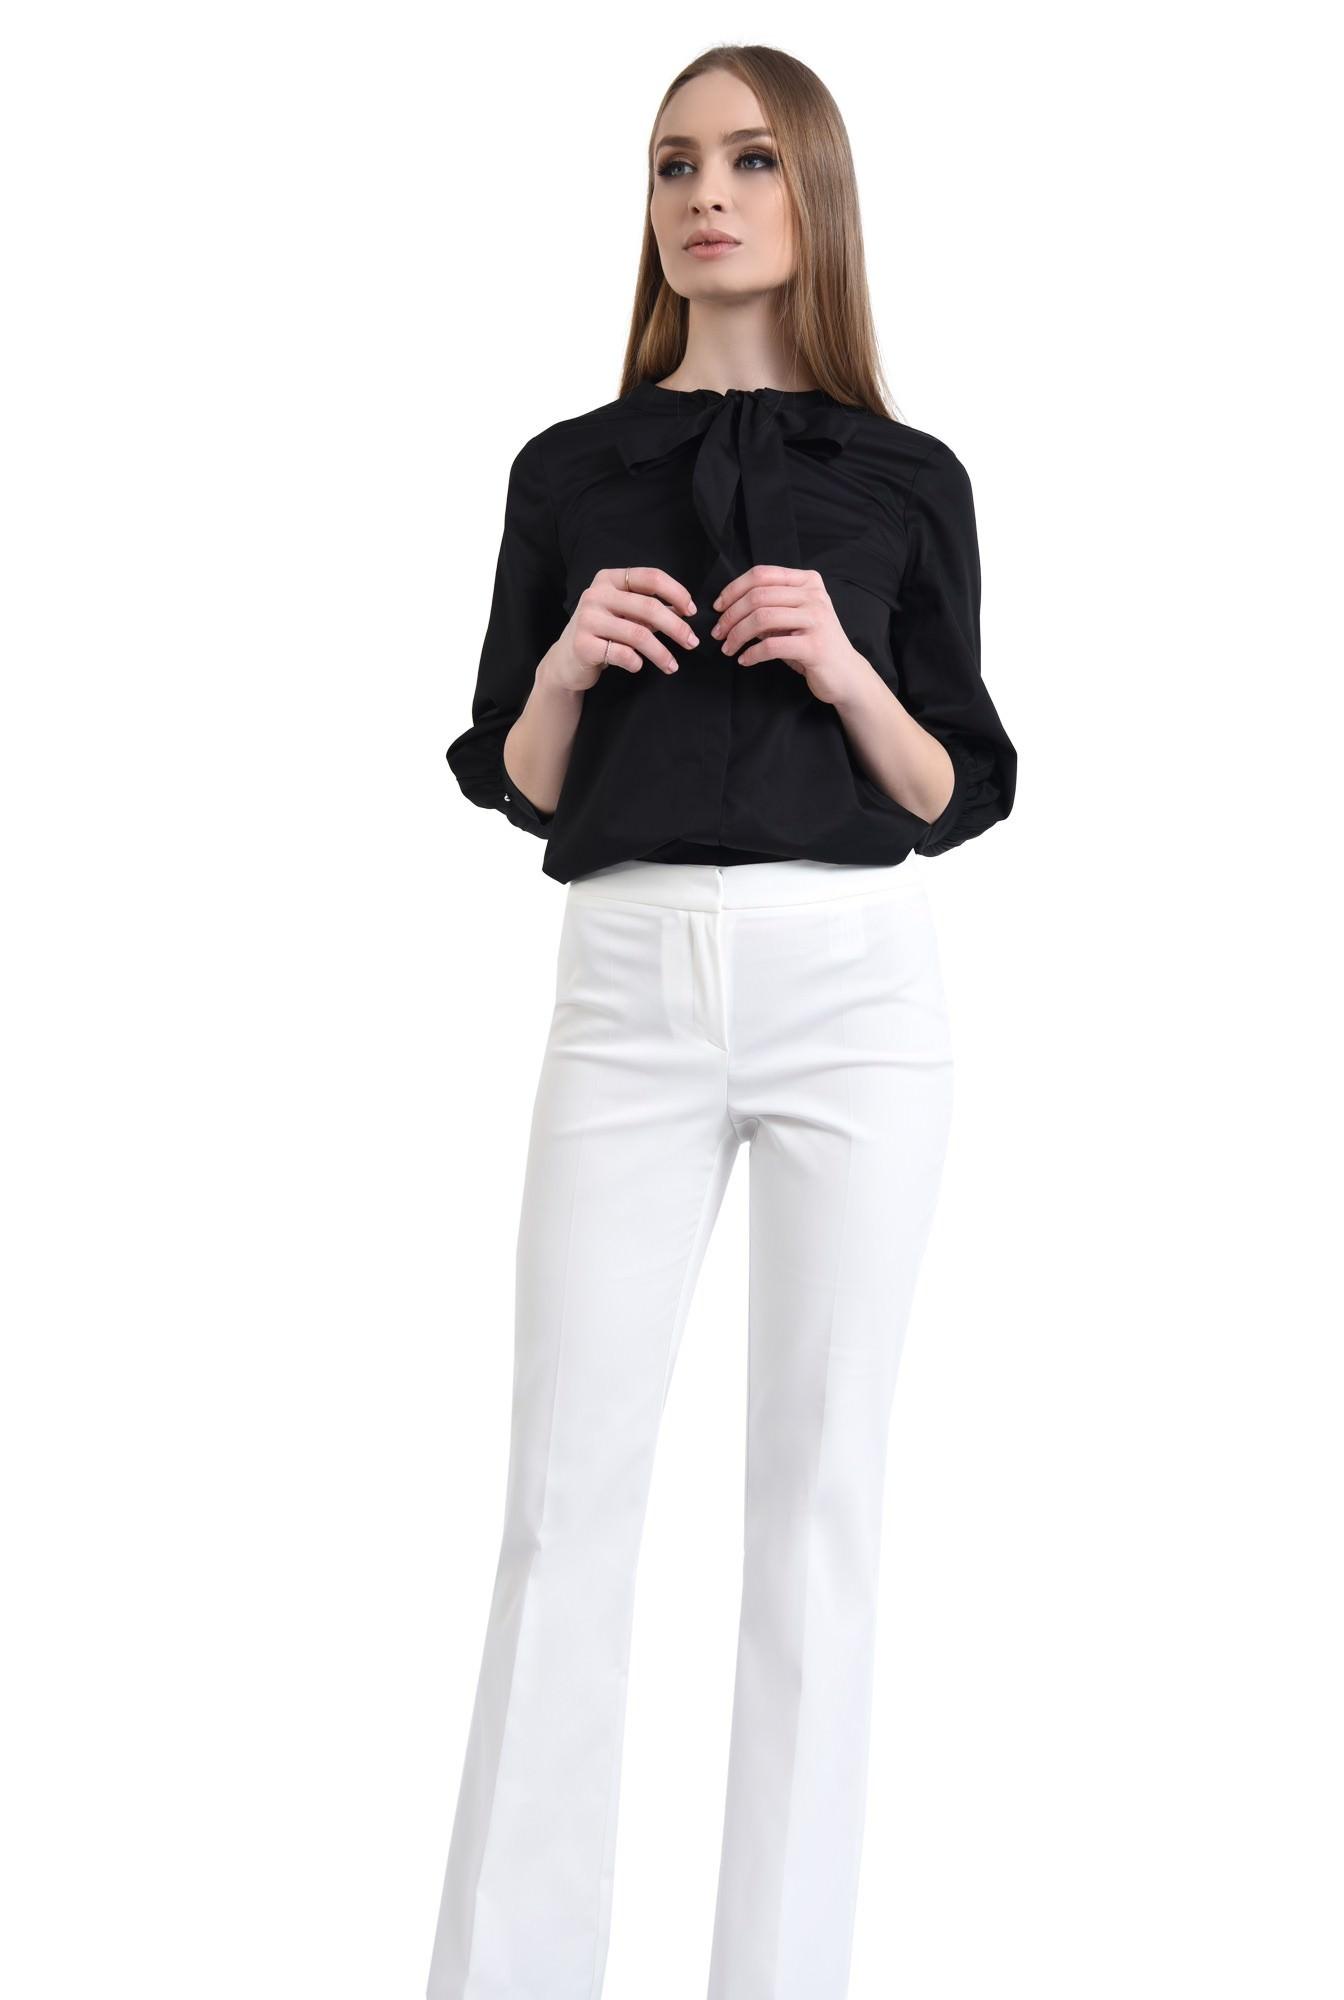 0 - Pantaloni albi, croi drept